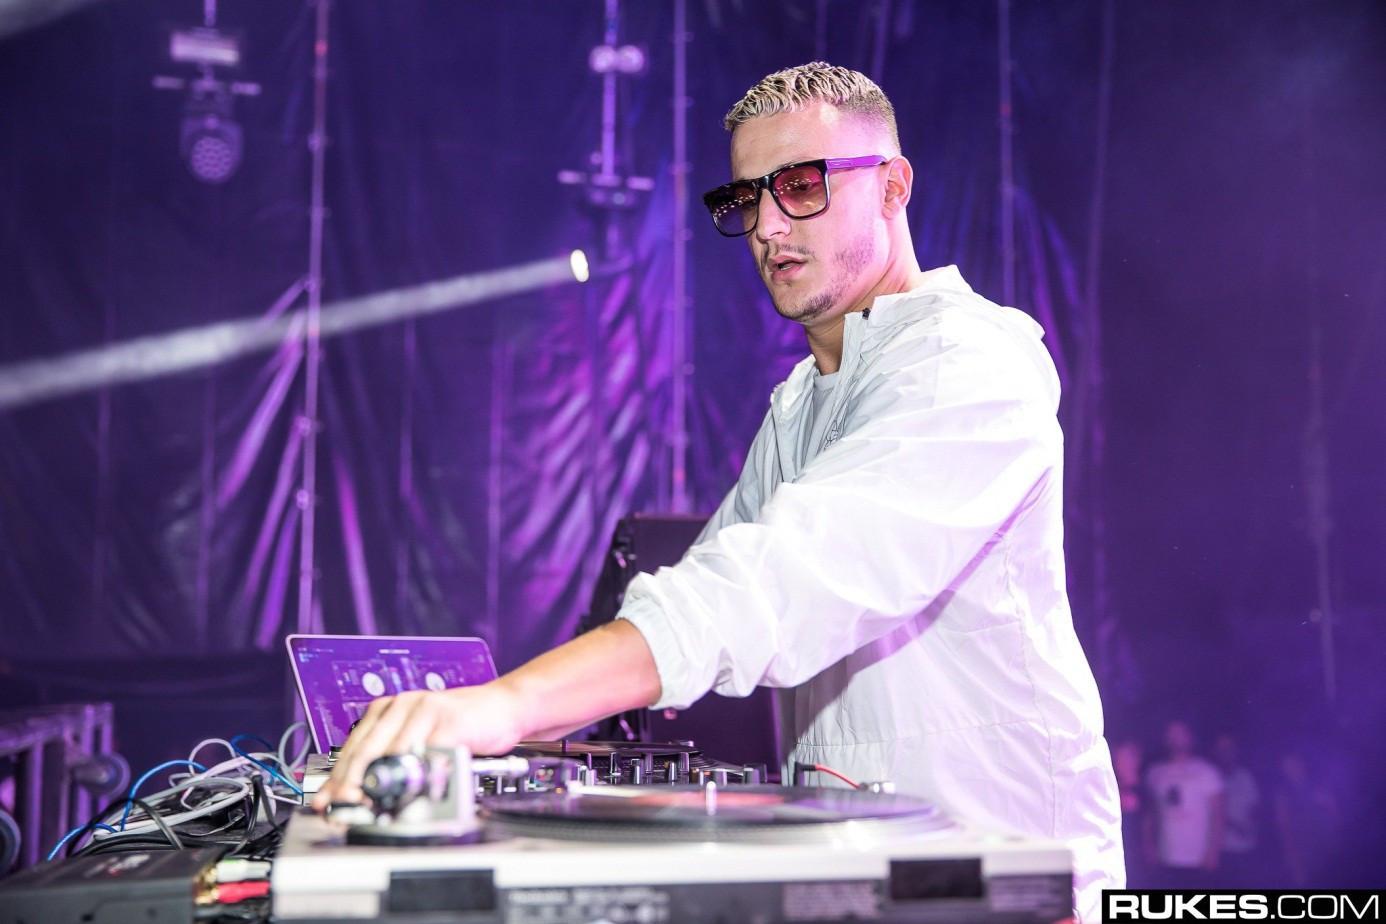 Bị fan cuồng chỉ trích vì chỉ follow mỗi Lisa, DJ Snake bức xúc: Mấy người đã phá hủy mọi thứ trước cả khi nó bắt đầu